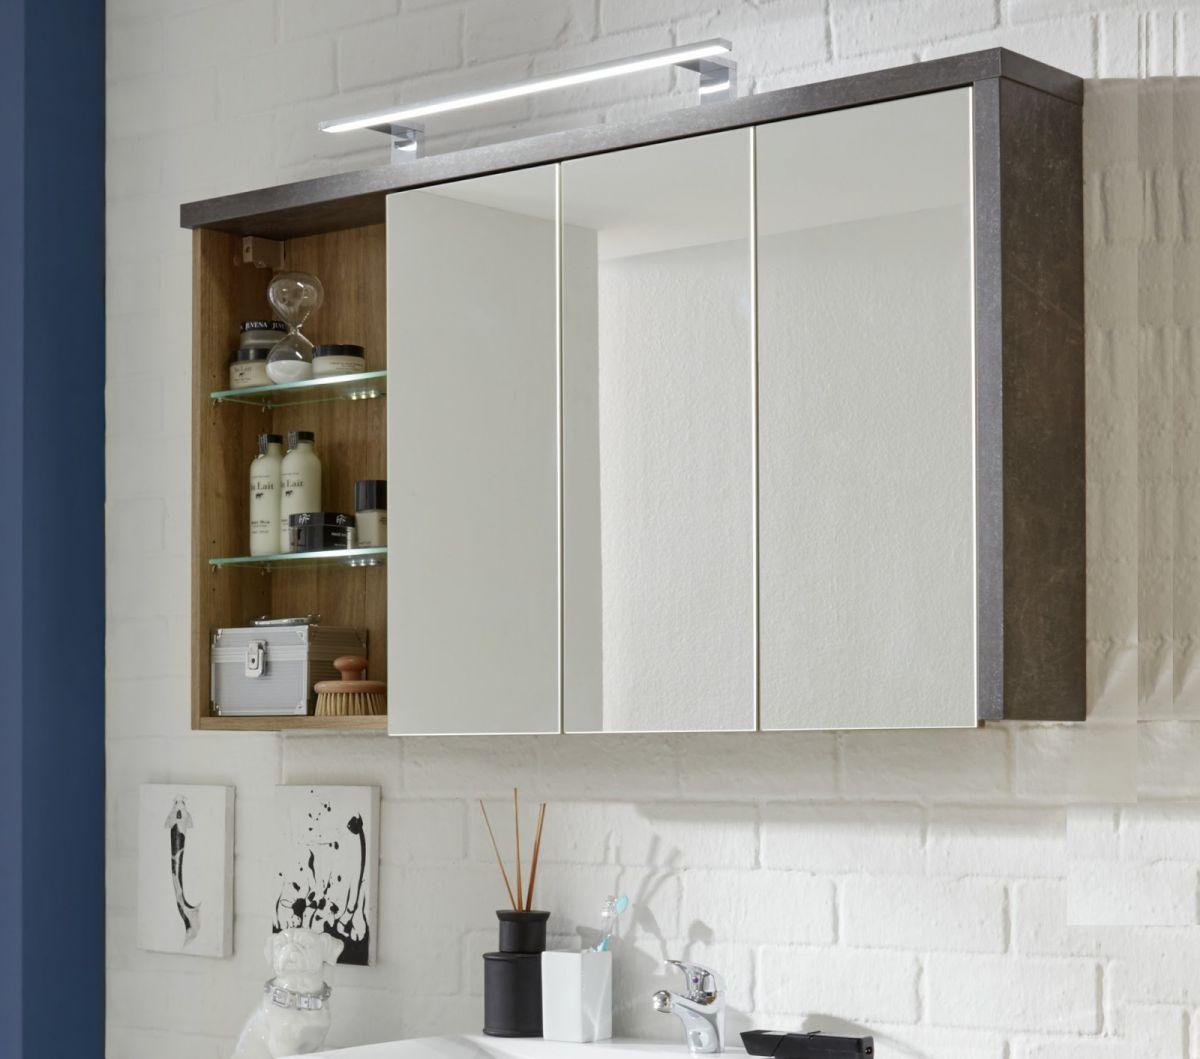 Spiegelschrank Bay 3-türig Eiche Riviera Honig und grau Beton Design 123 cm